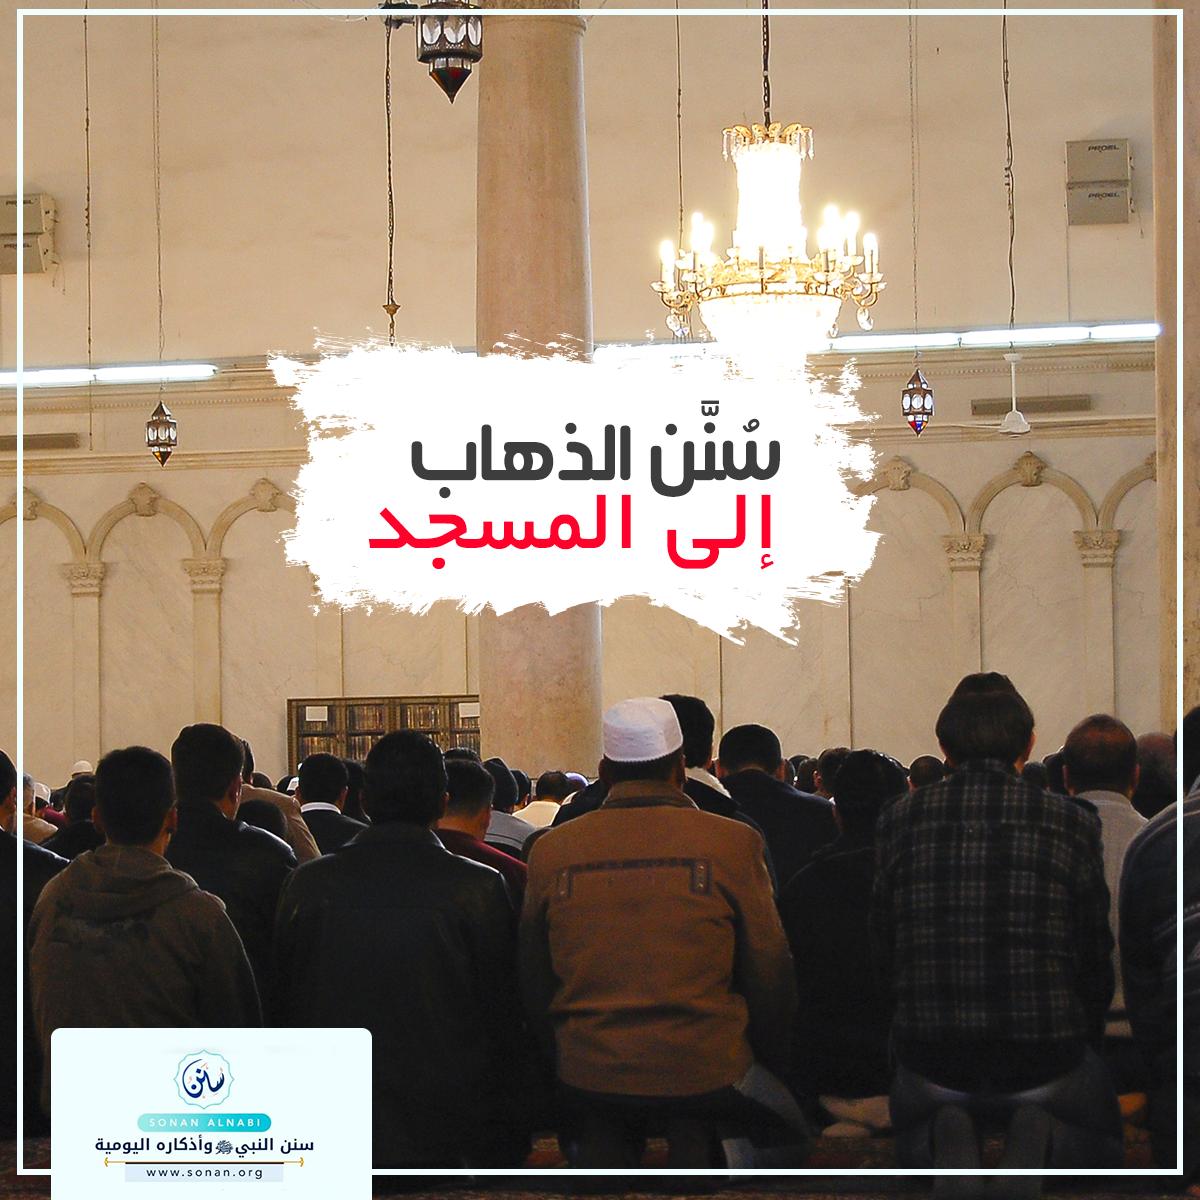 سُنن الذهاب إلى المسجد